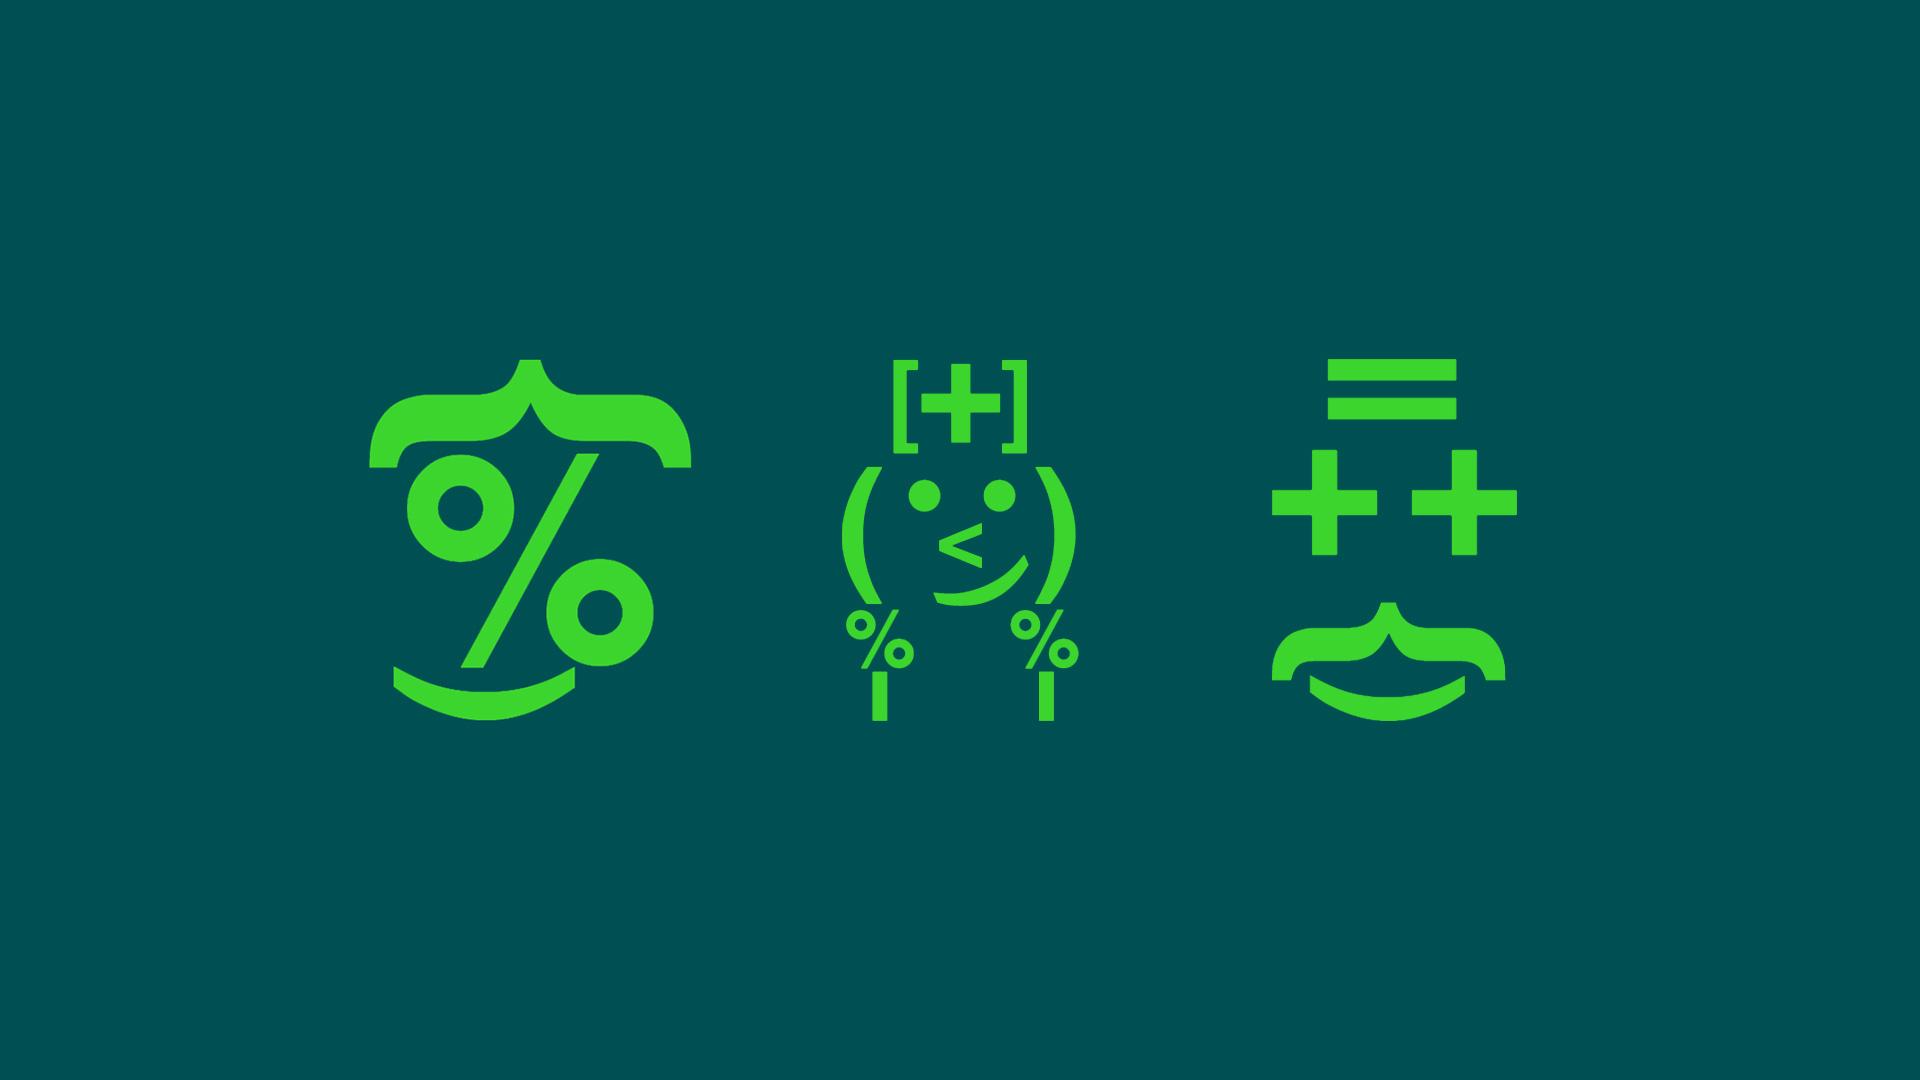 Illustrerade symboler med olika ekonomitecken som plus och minus som bildar figurer likt emojis